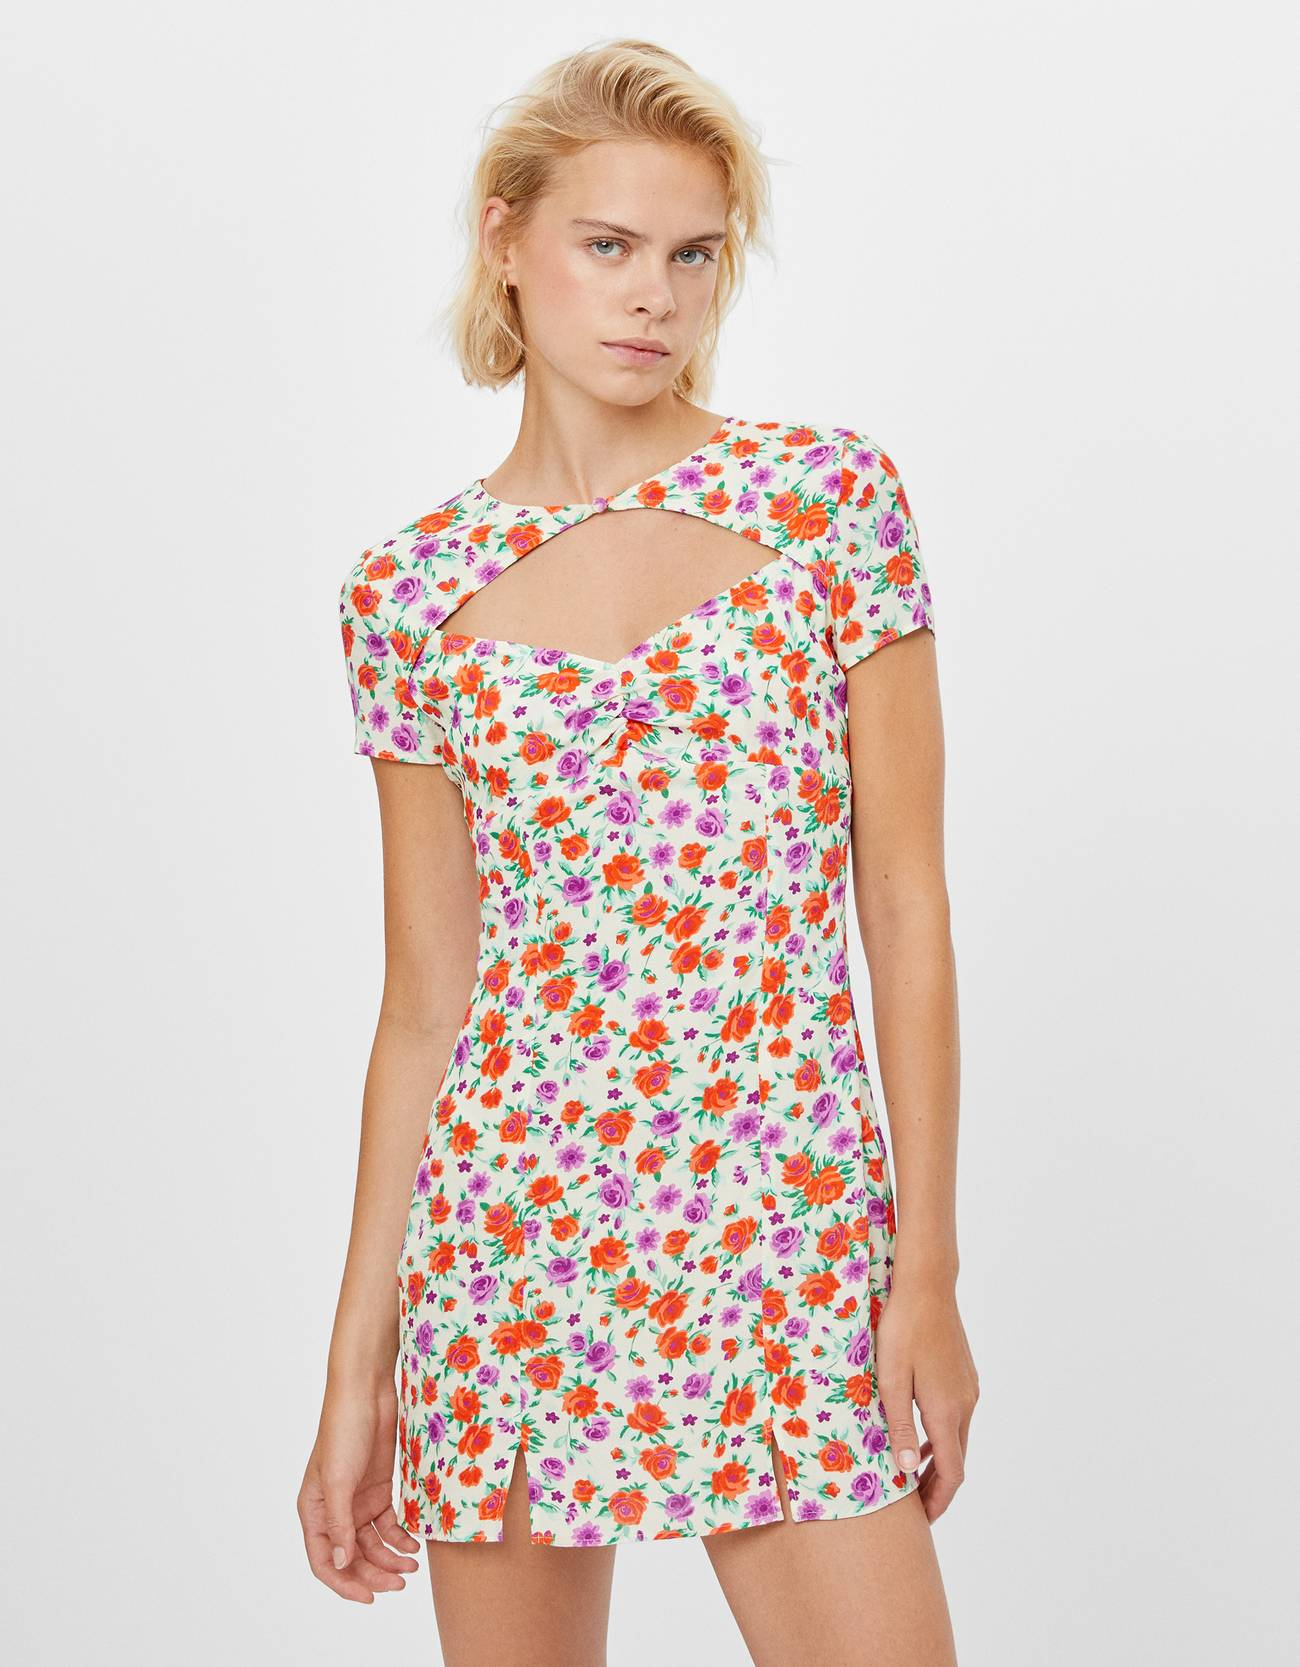 Vestido con estampado de flores.